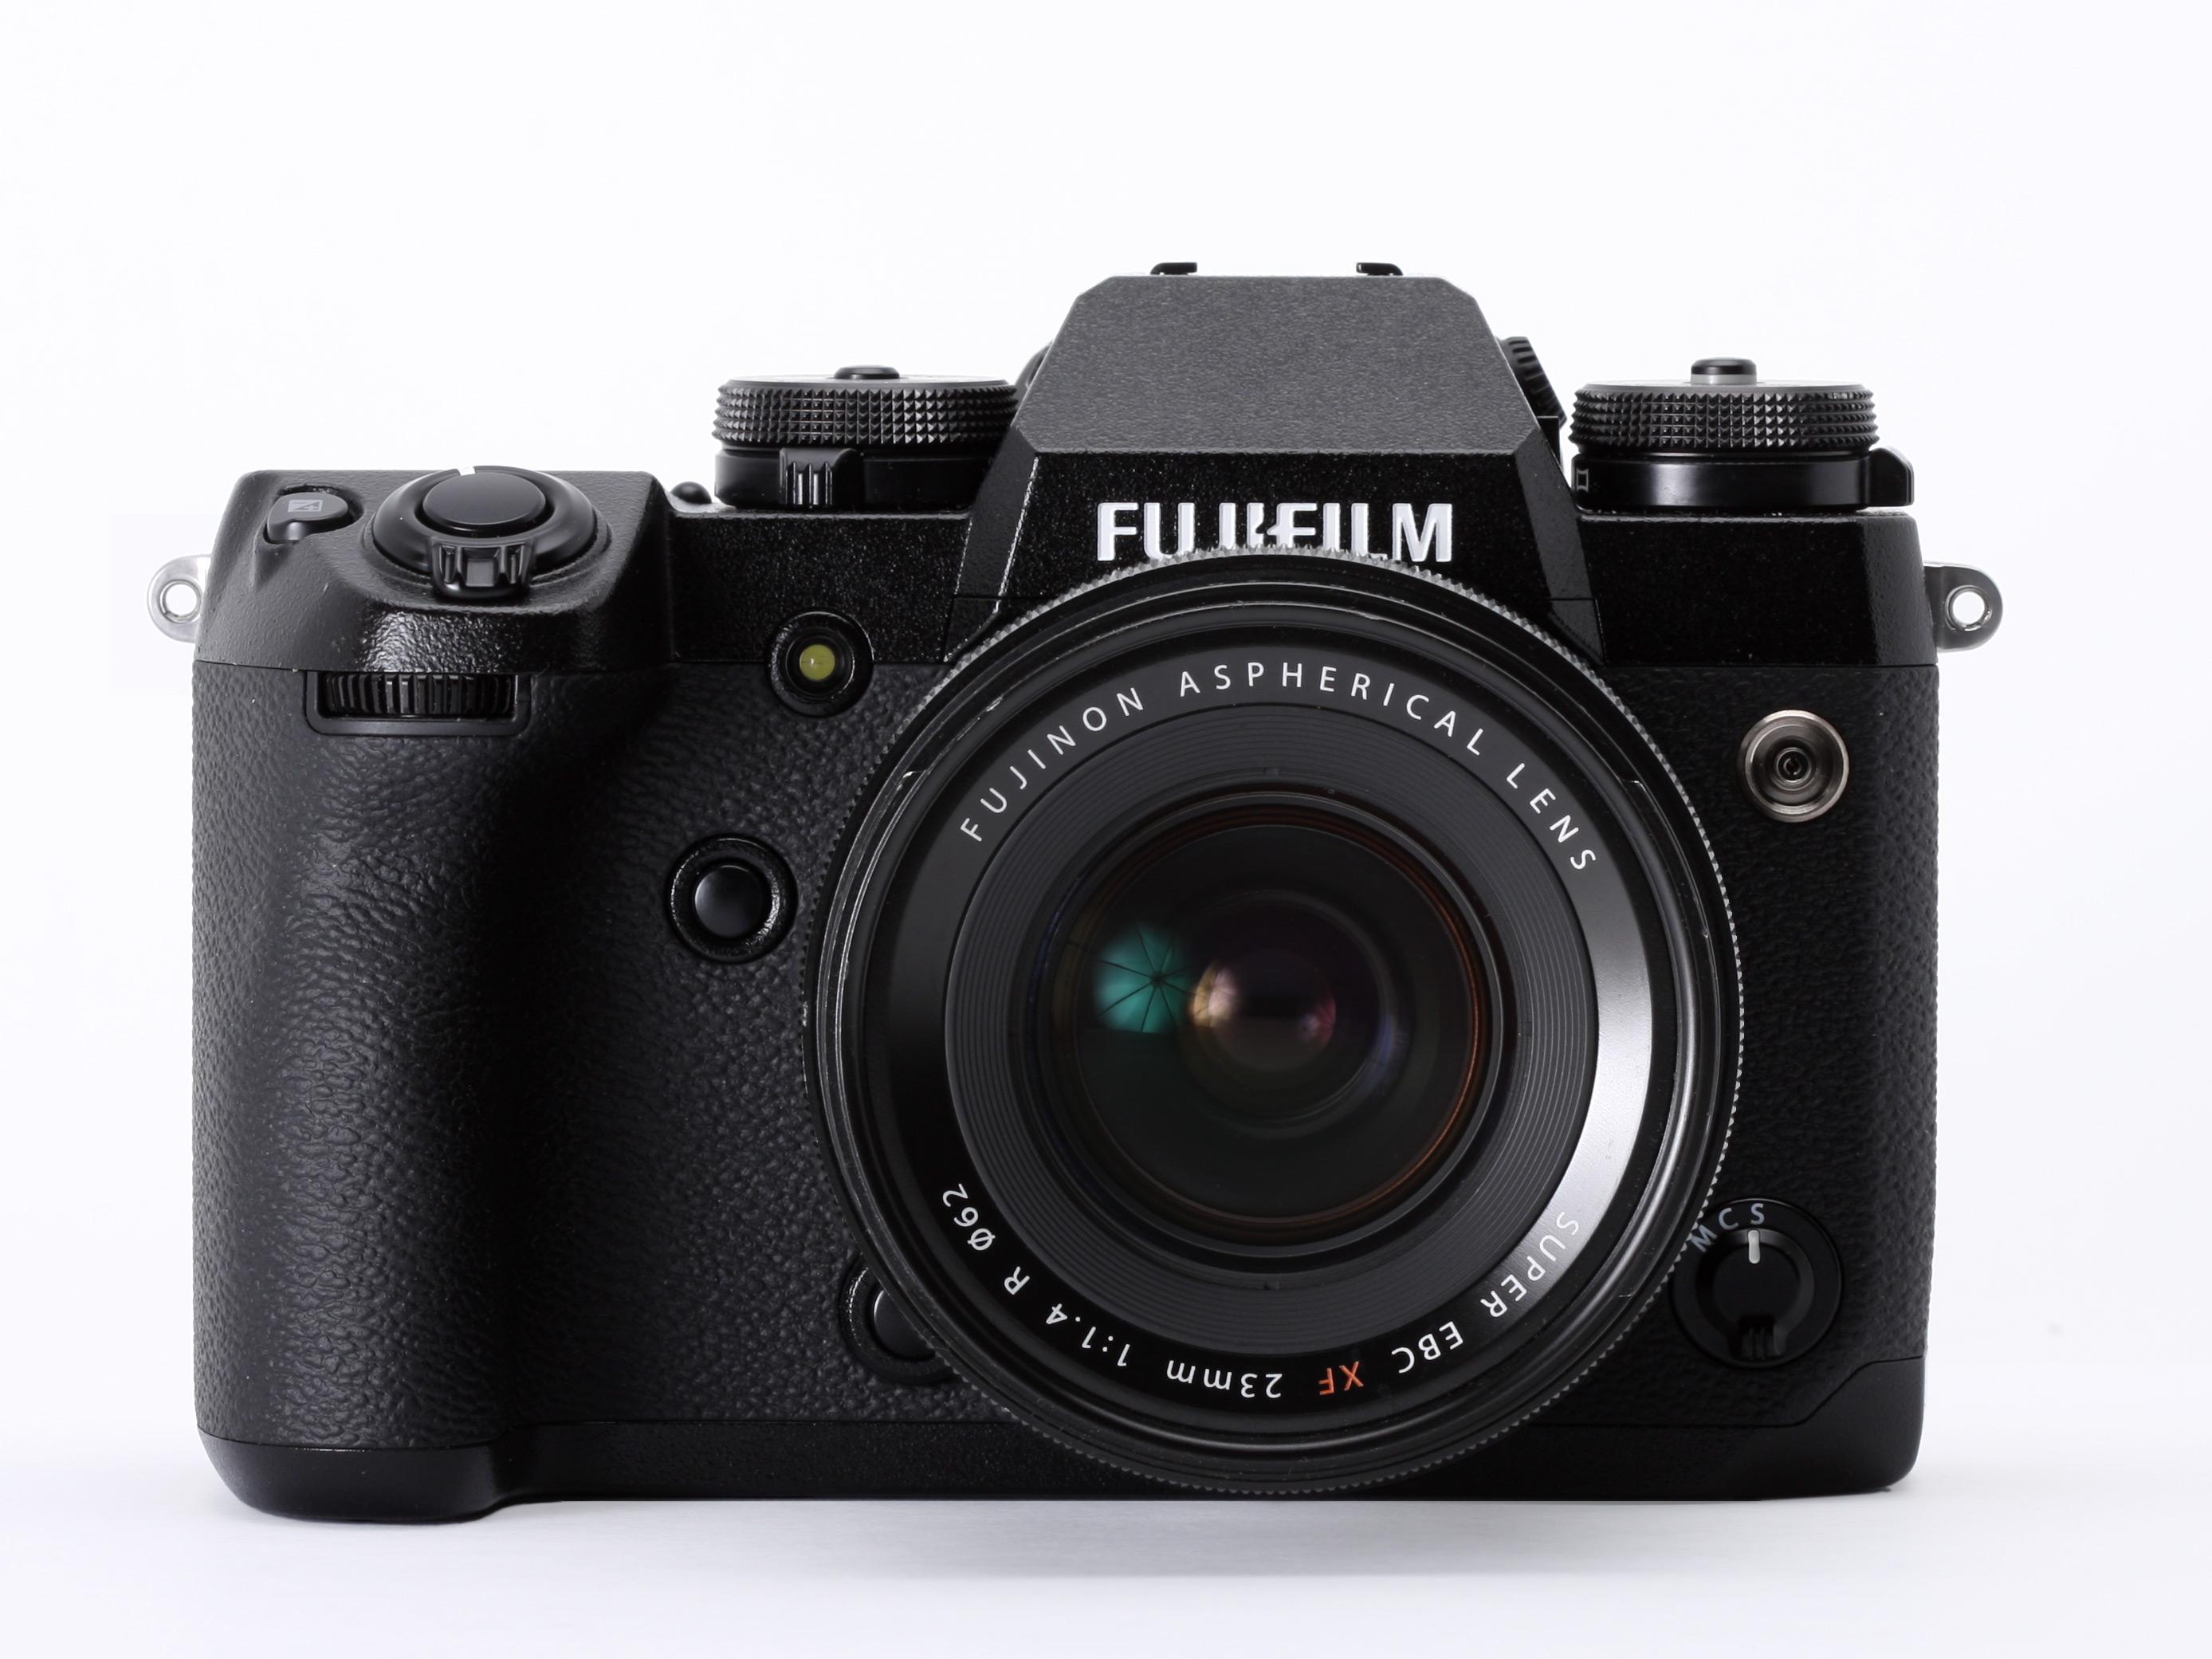 Kết quả hình ảnh cho Fujifilm XH1 vs Panasonic GH5 vs Sony A7SII Comparison